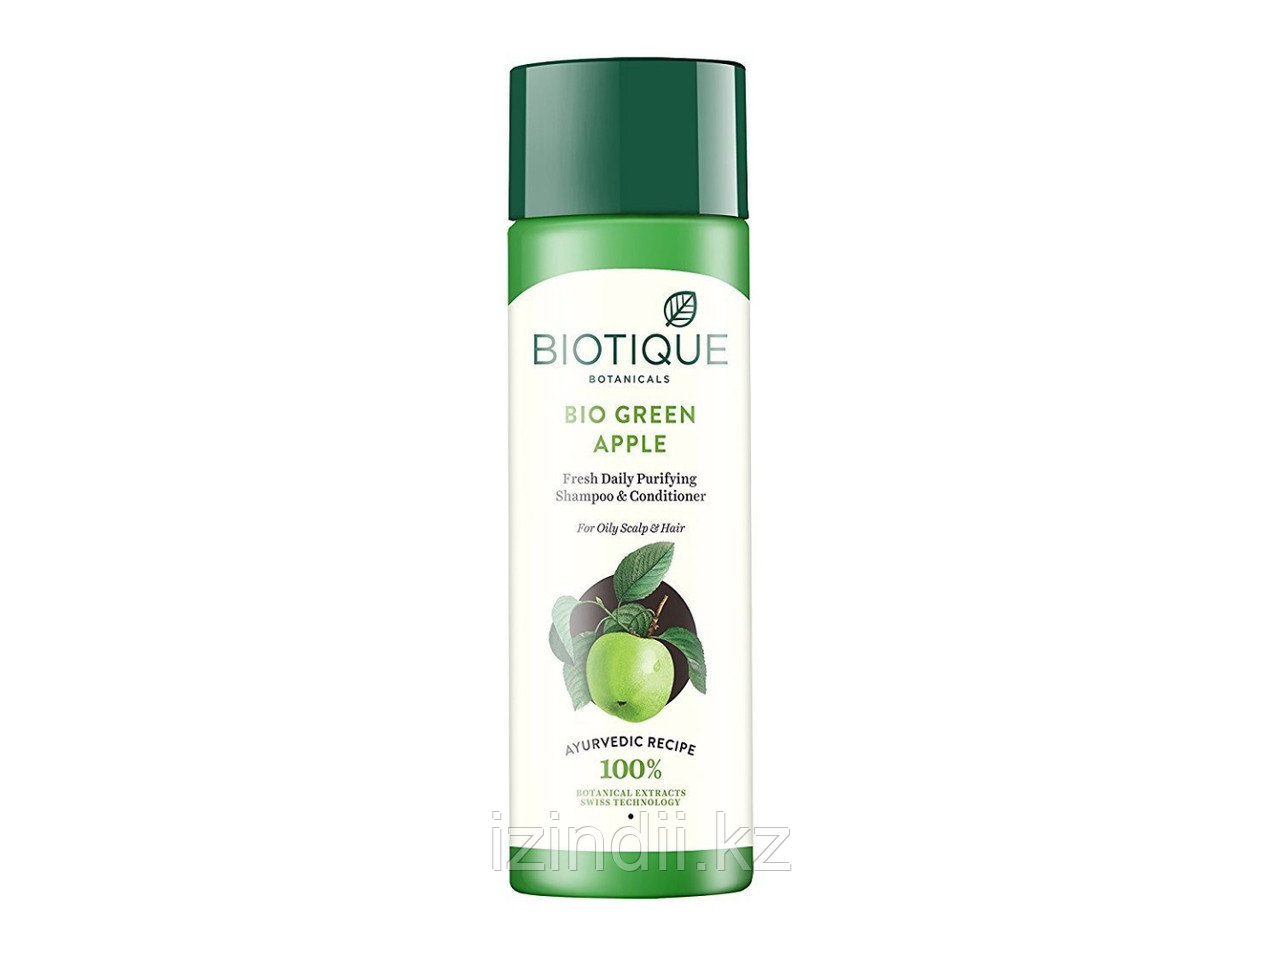 Шампунь & кондиционер для жирных волос БИО ЗЕЛЕНОЕ ЯБЛОКО (BIO GREEN APPLE ),190 мл, Biotique